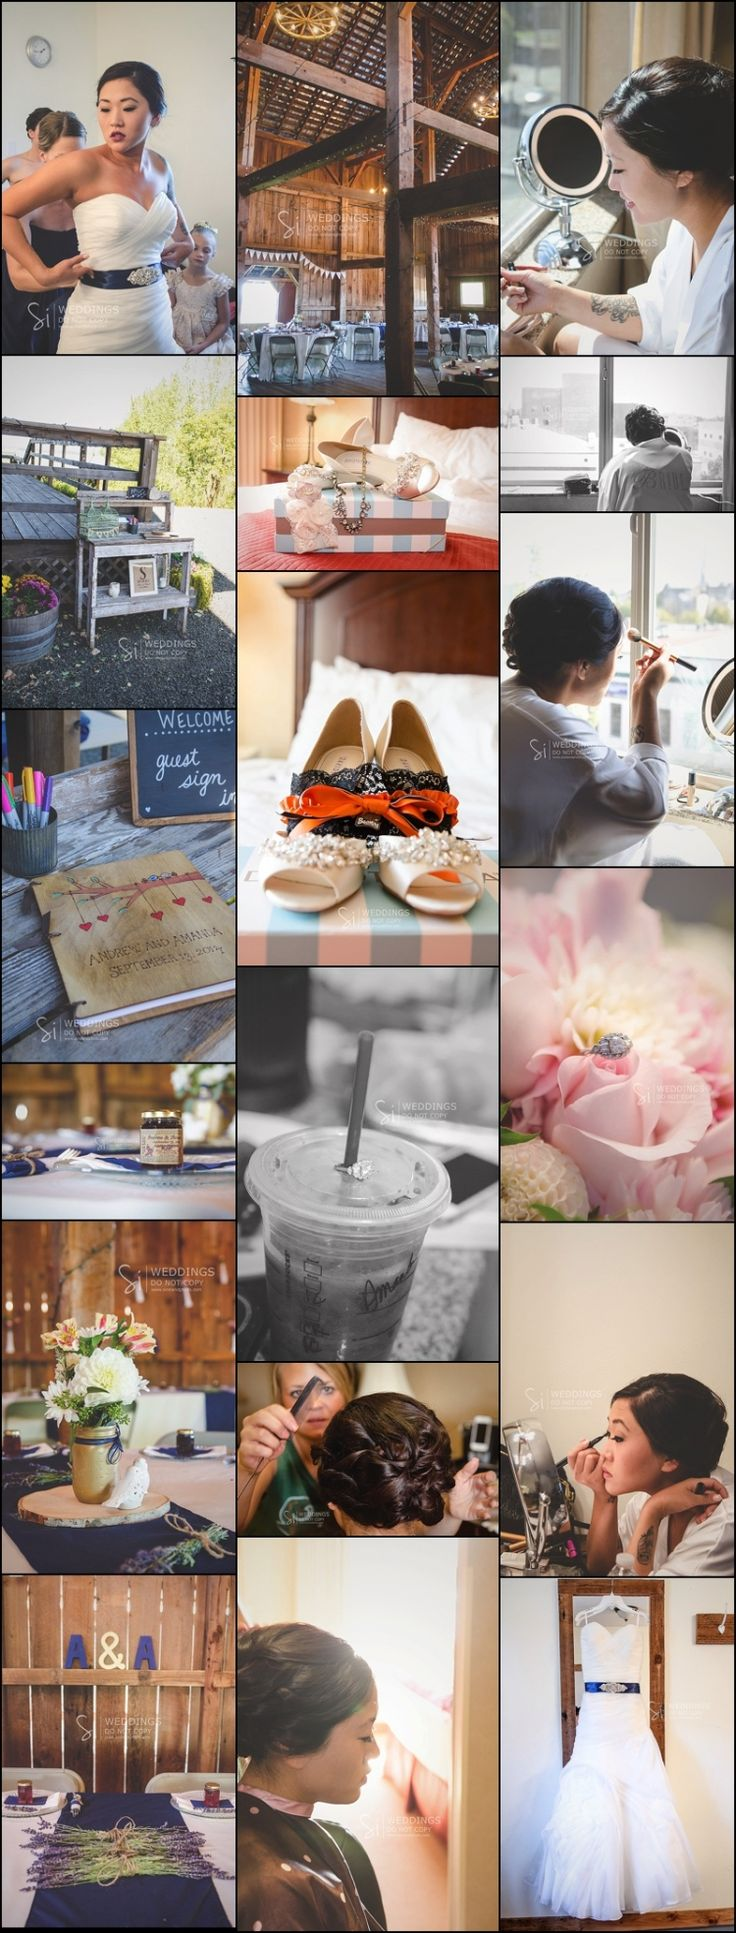 Samantha Ireland Photography Oregon, photography, engagement, family, couple, portrait, lifestyle, documentary